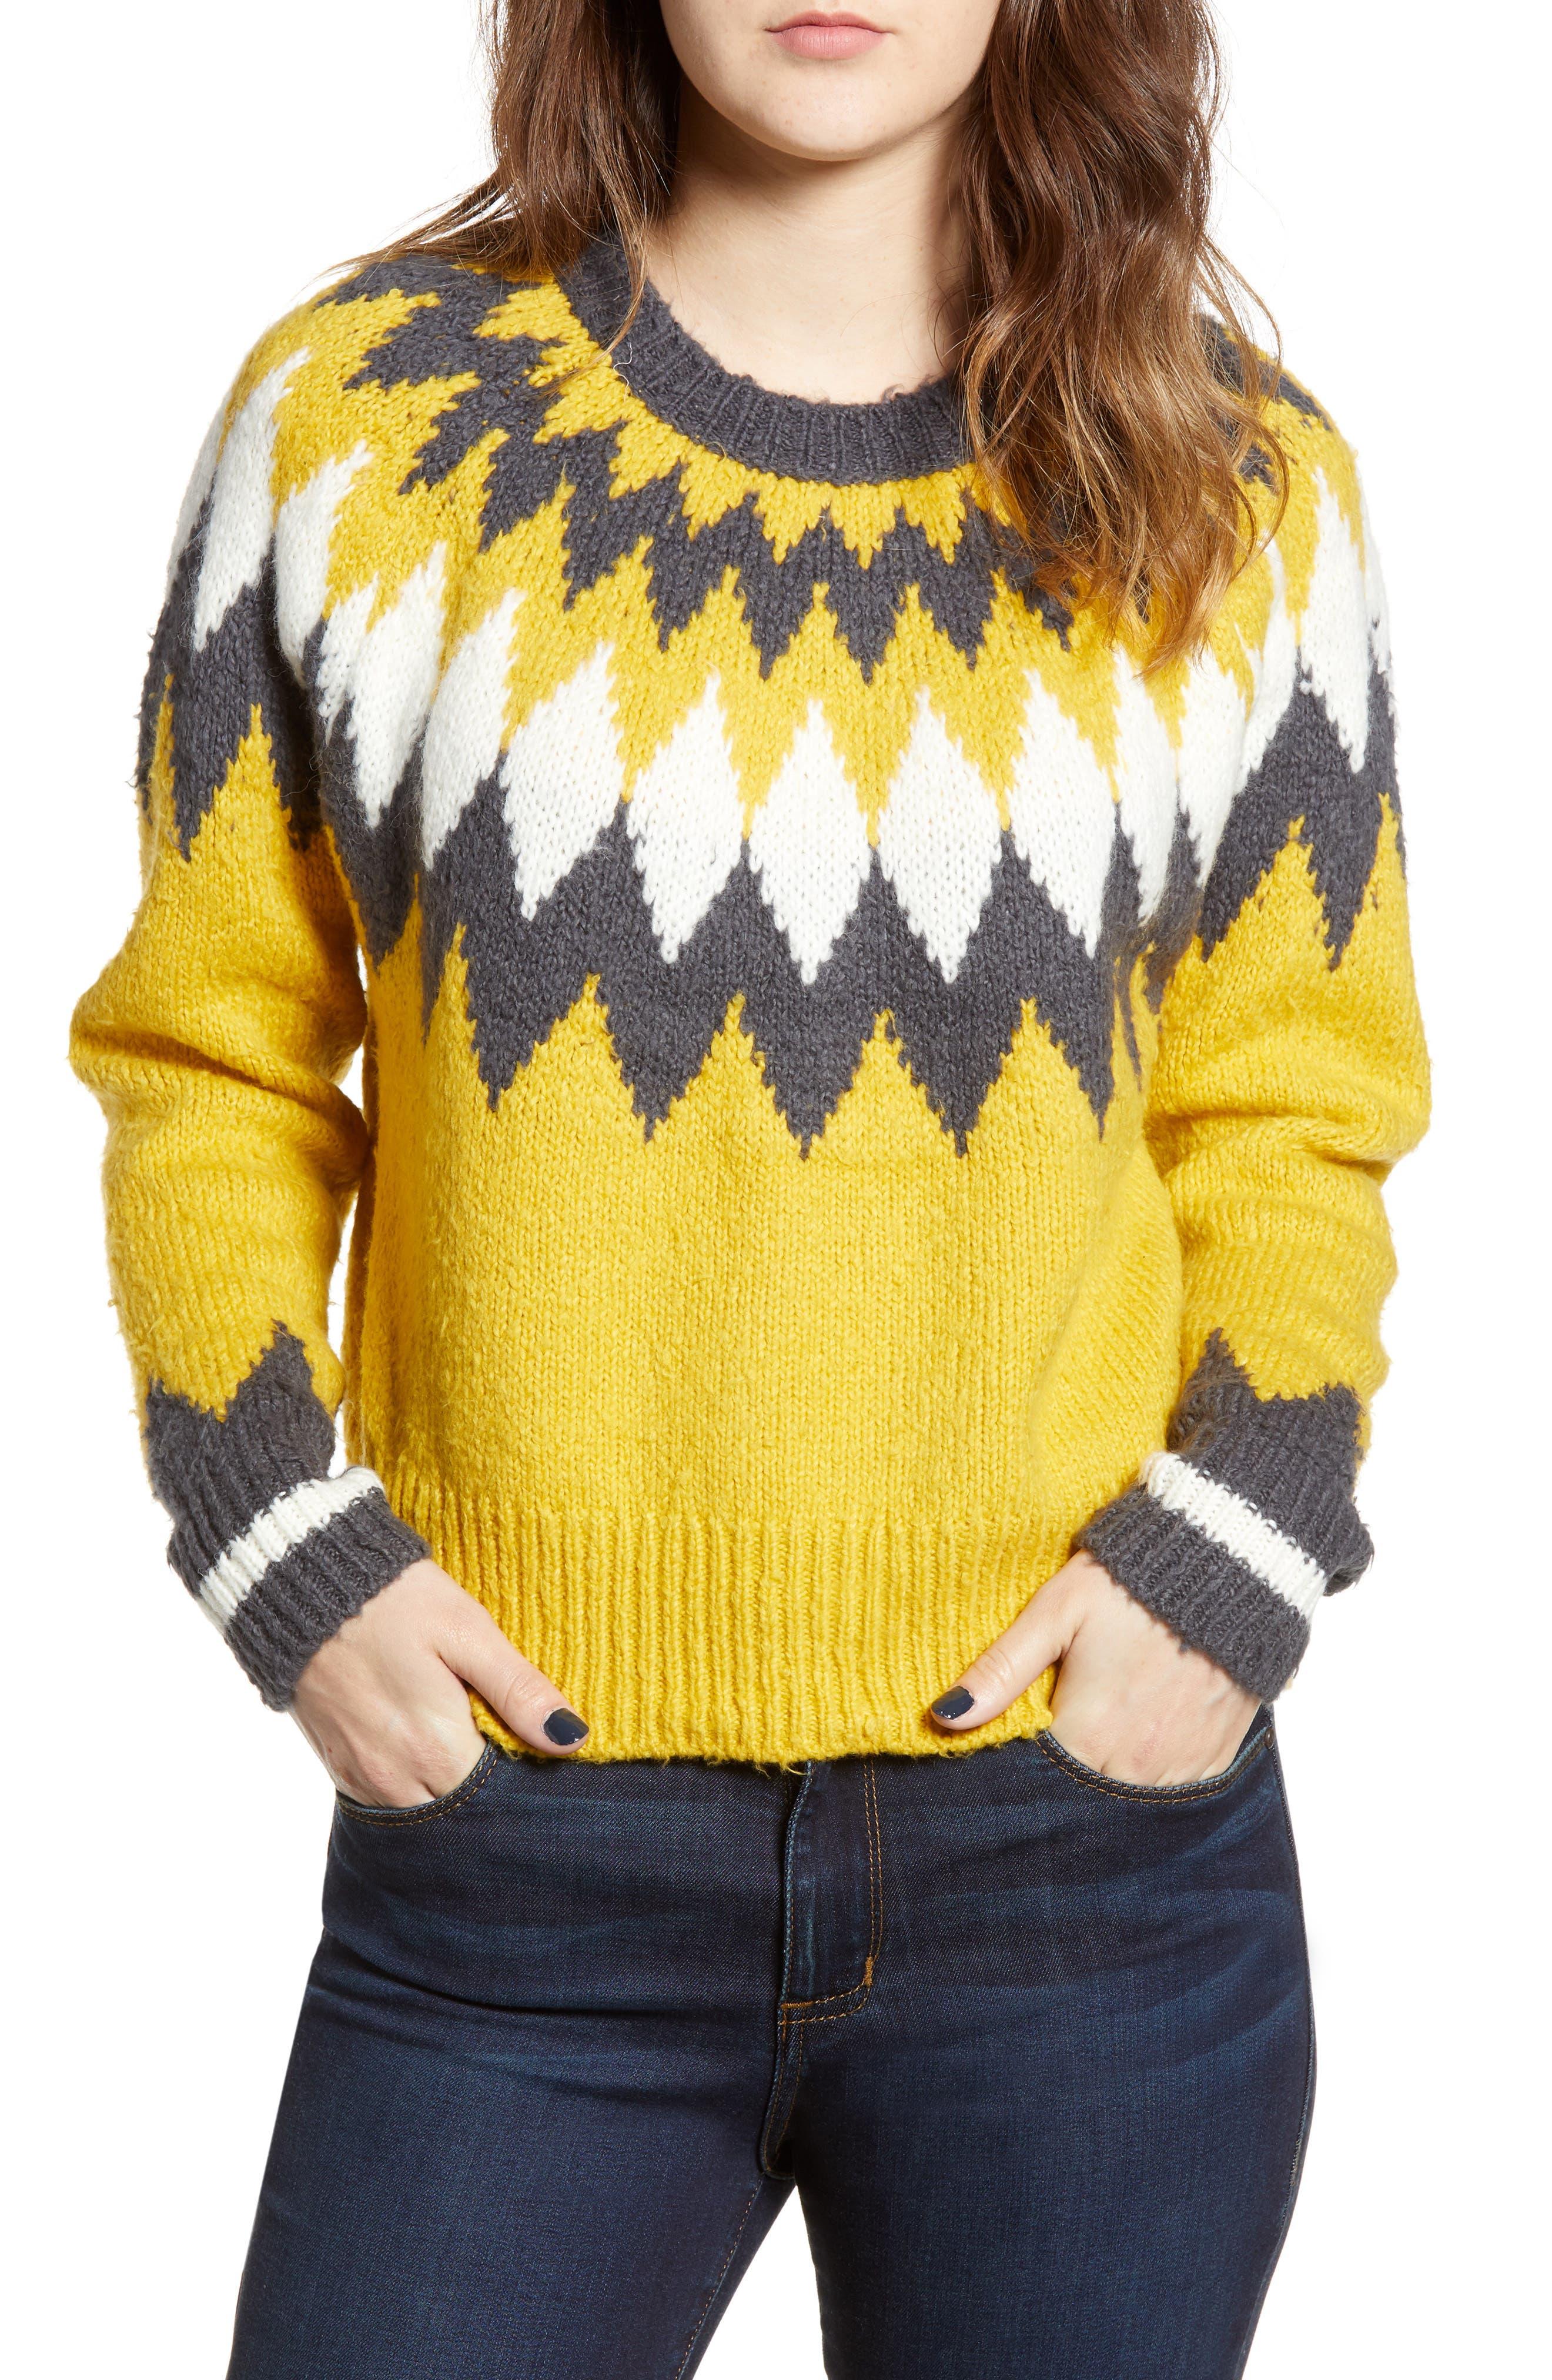 Cozy Ski Sweater by Bp.